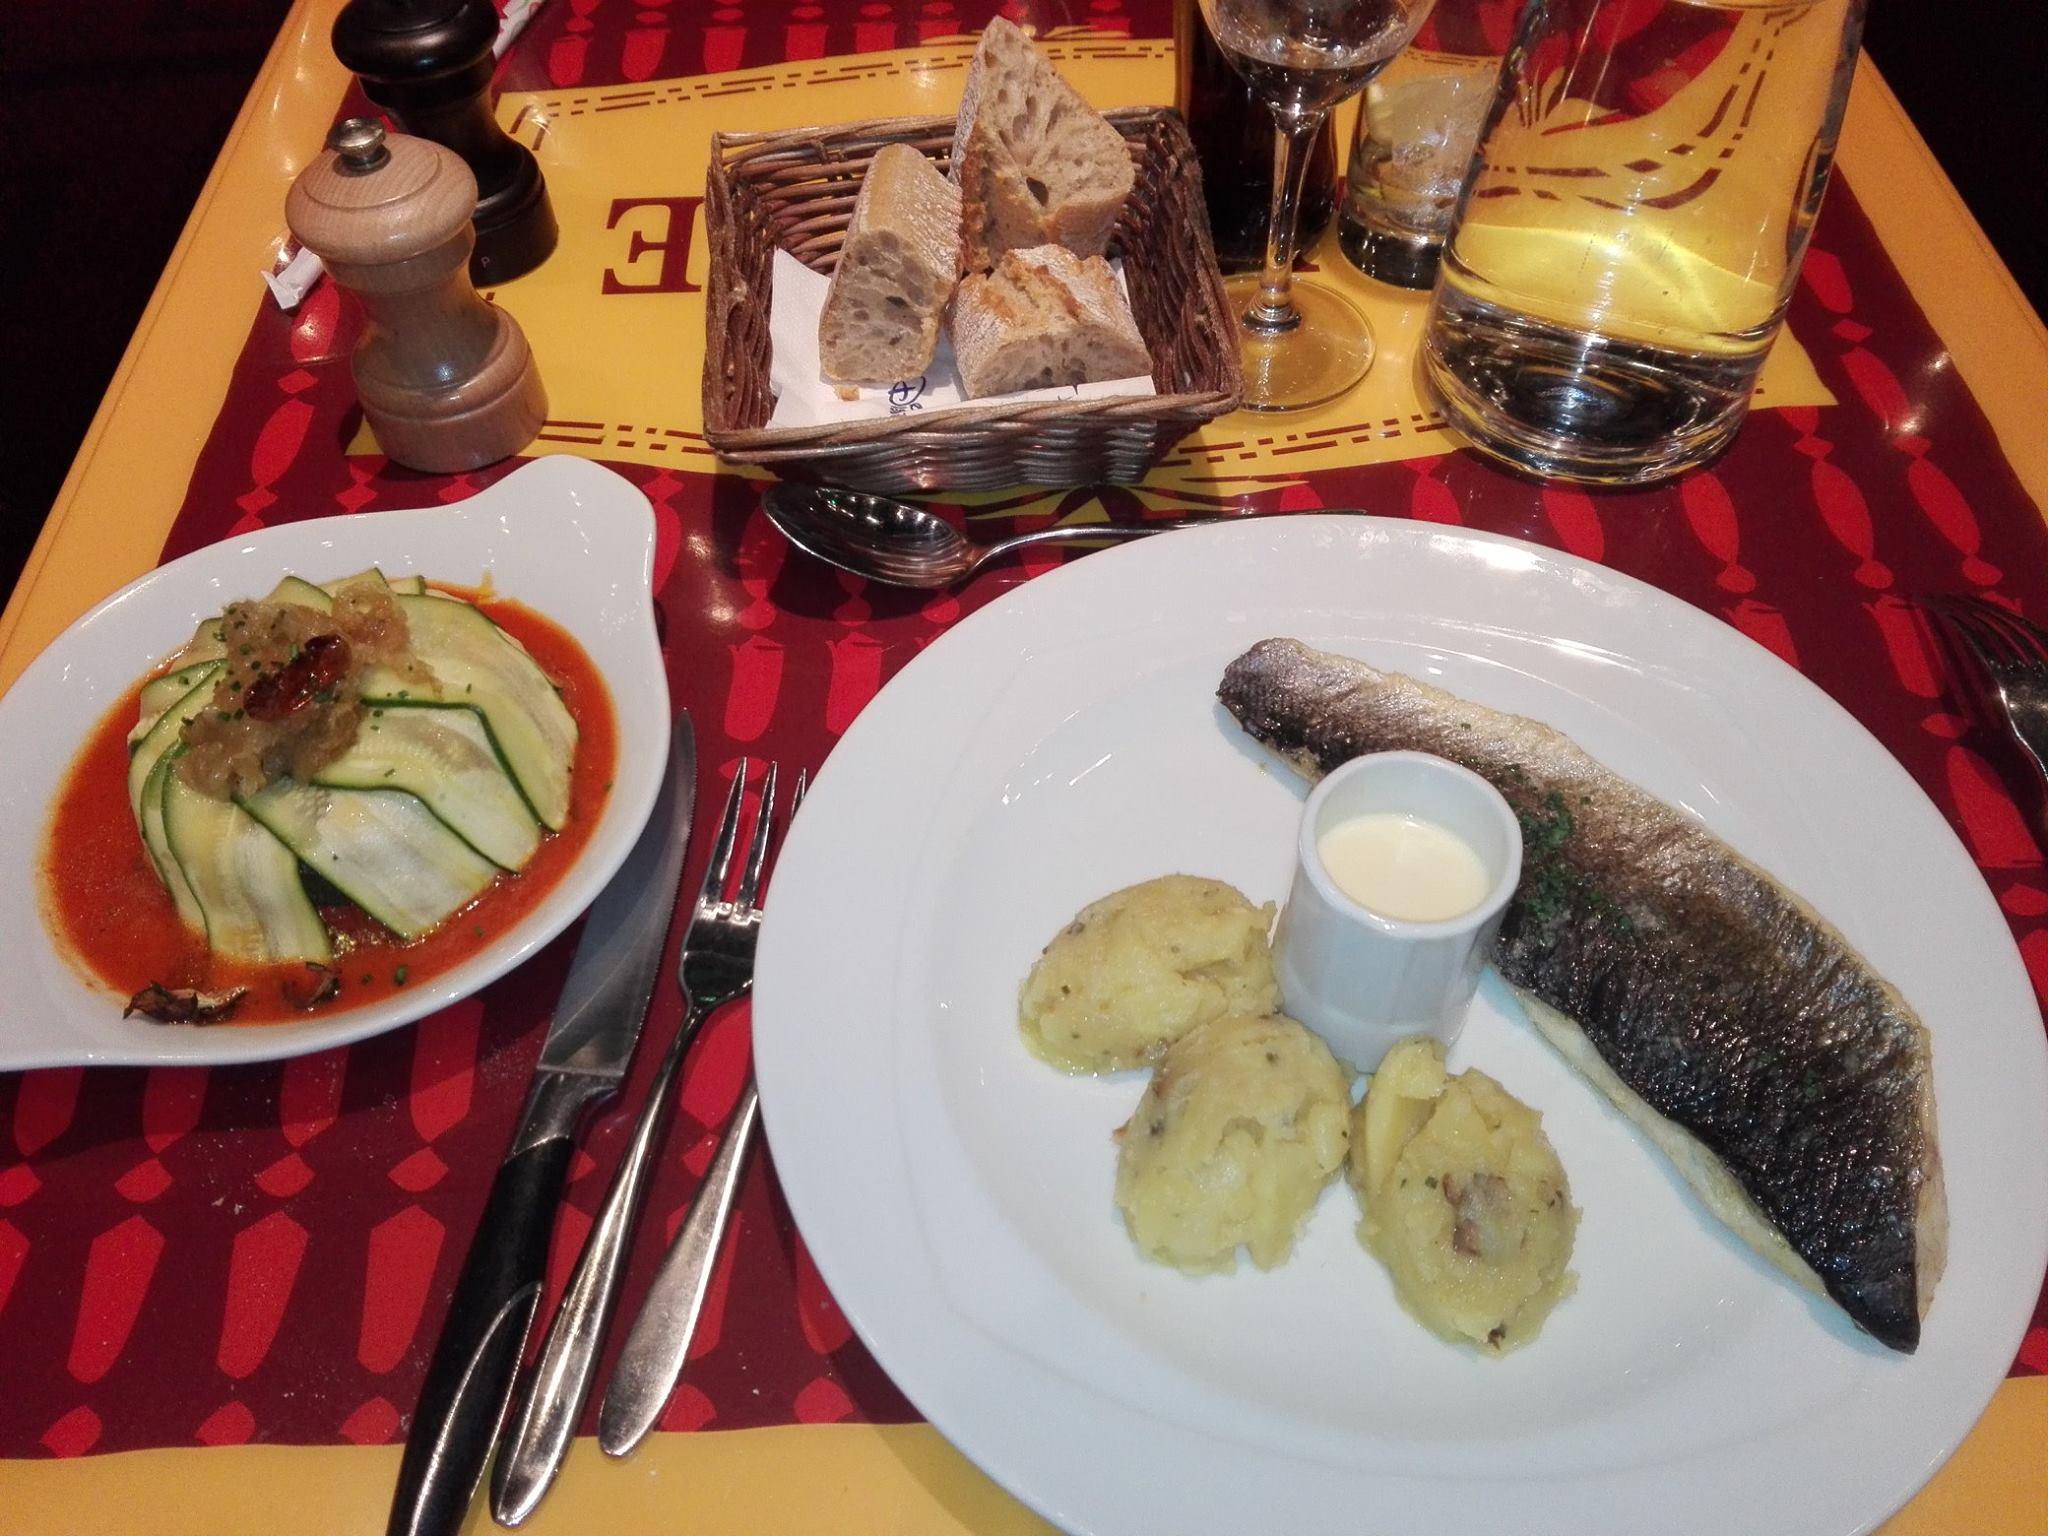 Filet de bar, ratatouille, écrasée de pommes de terre à l'huile et aux cêpes, sauce au champagne